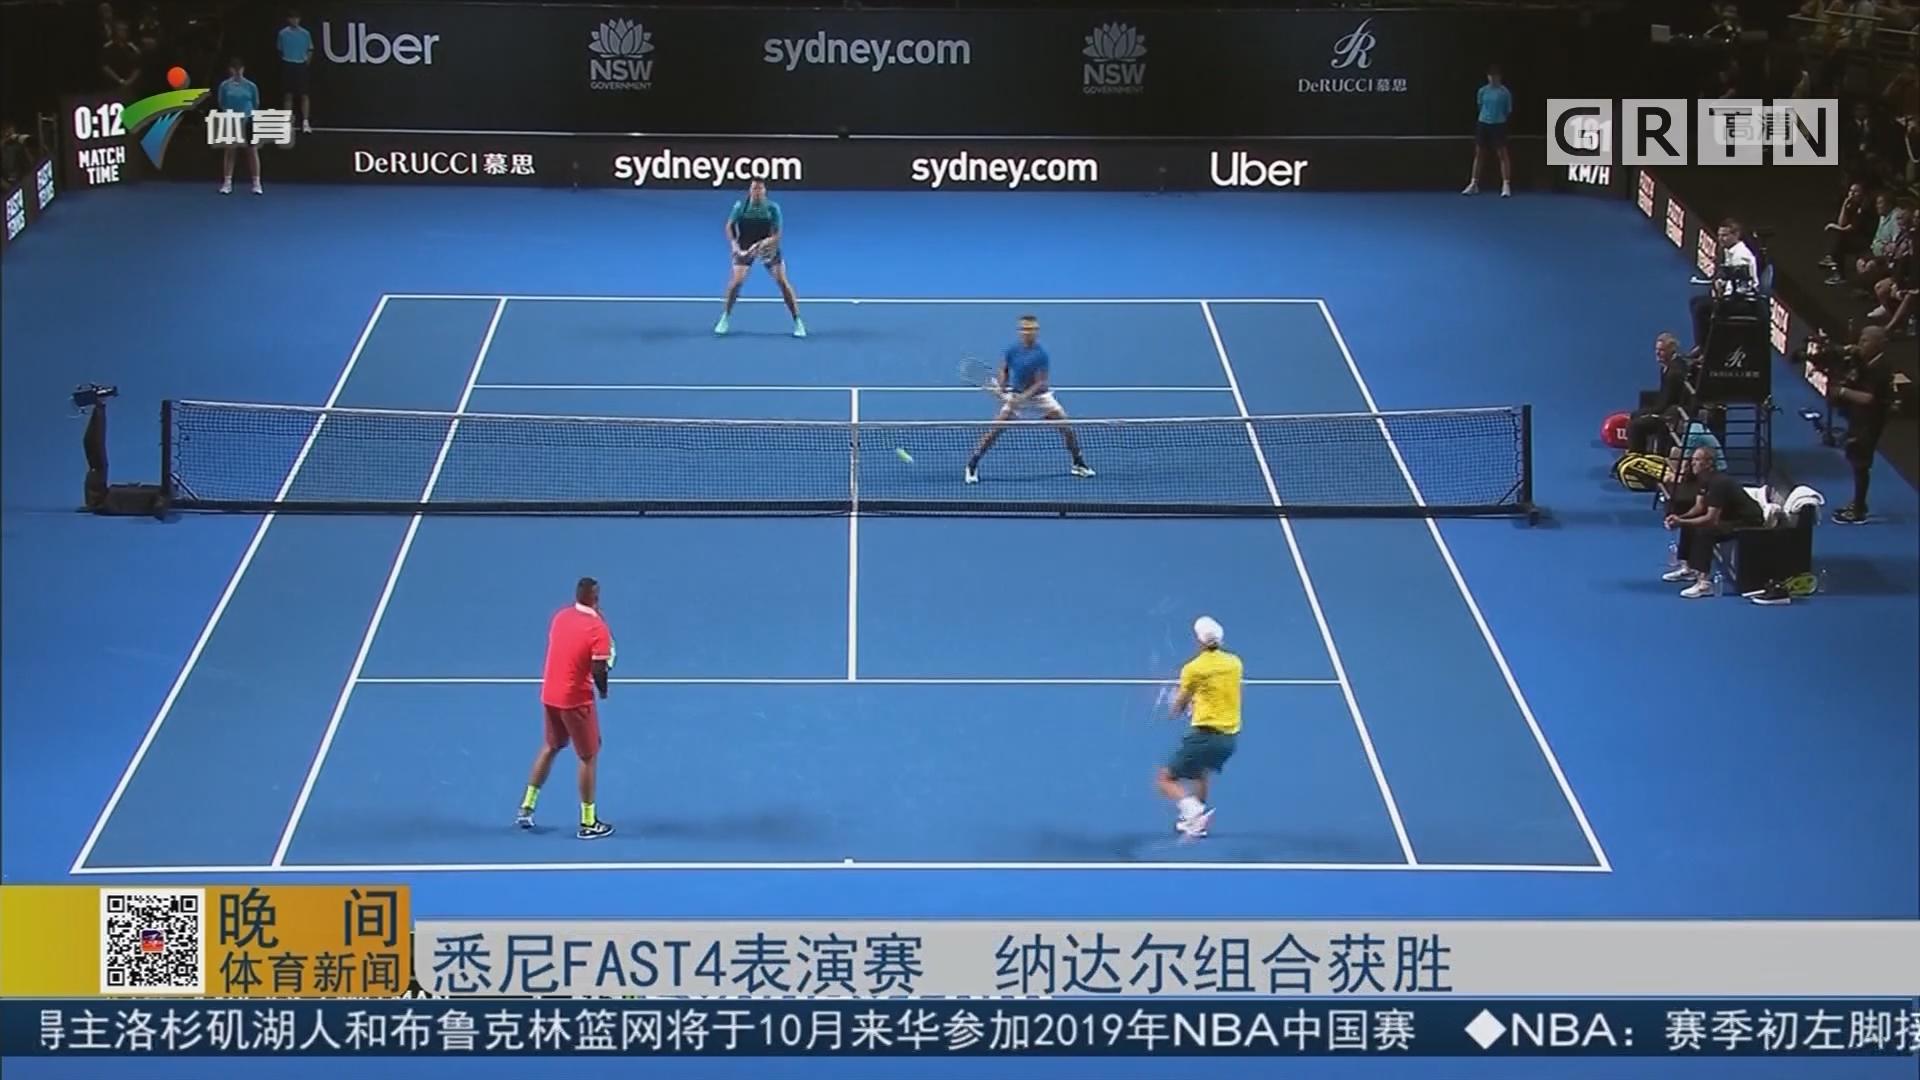 悉尼FAST4表演赛 纳达尔组合获胜